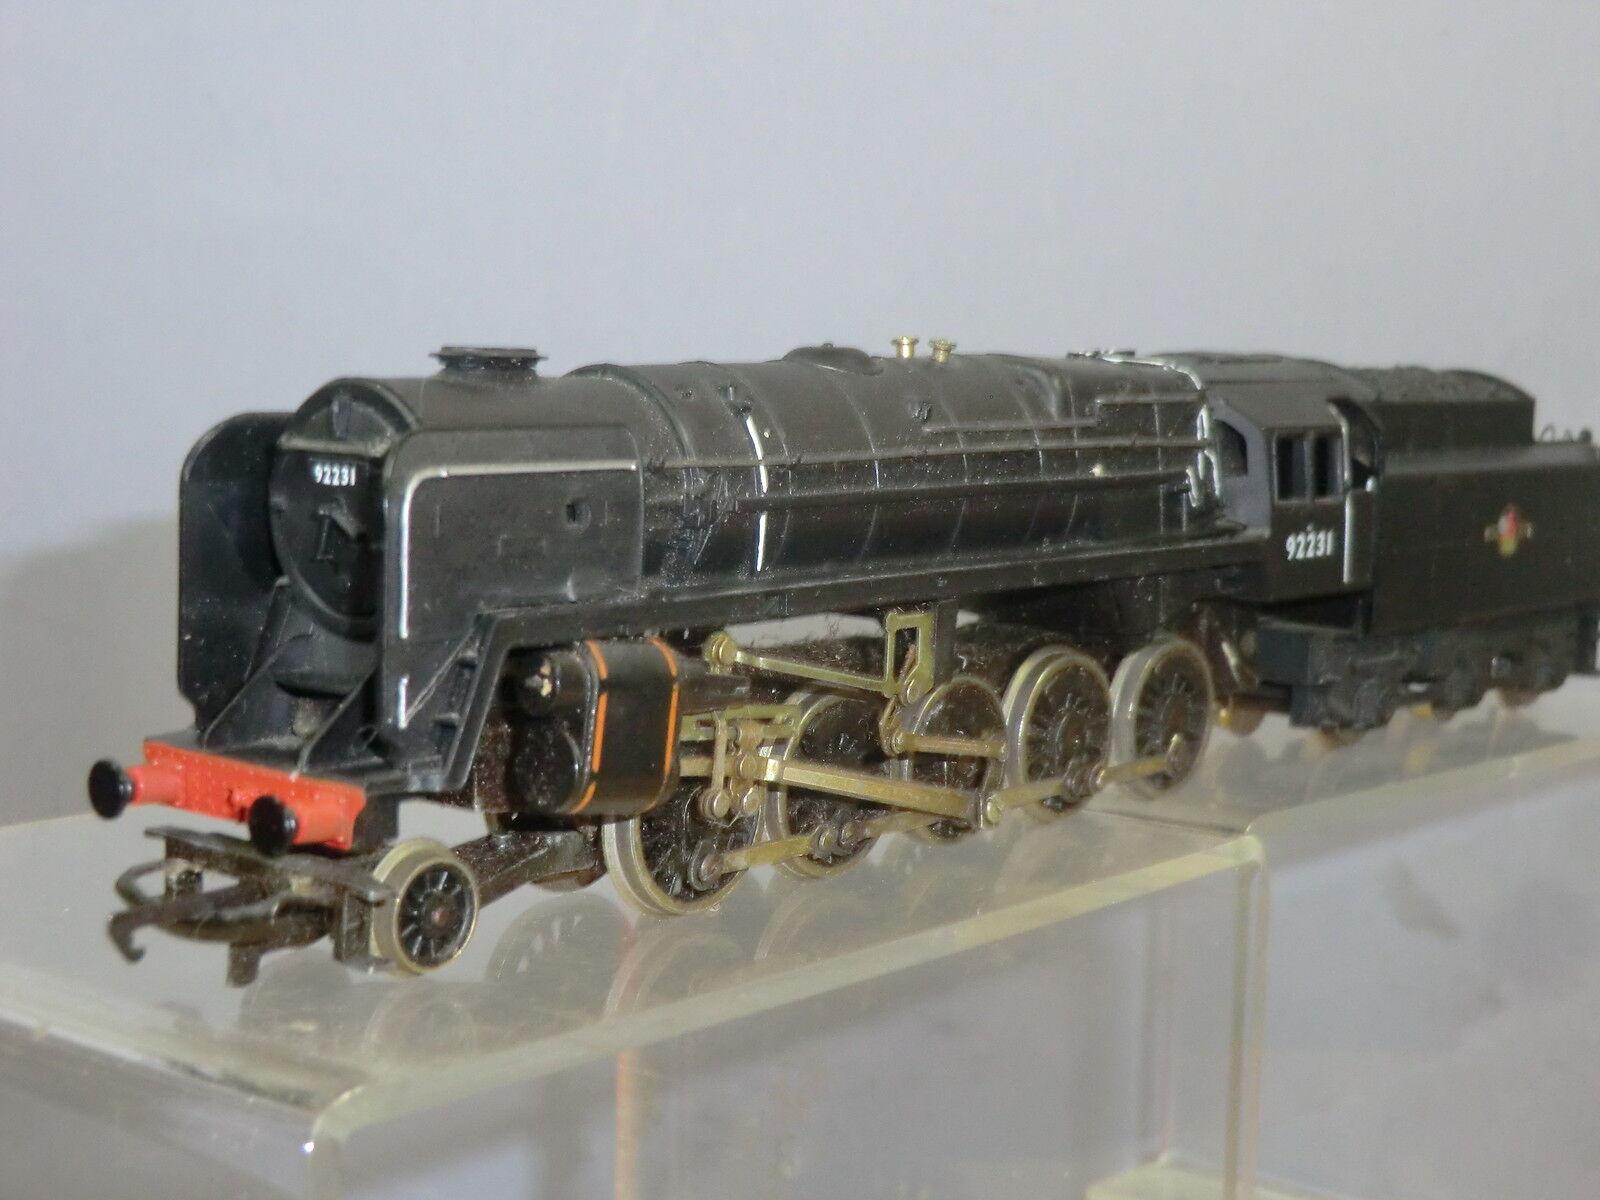 HORNBY järnvägWAYS modellllerL R.330 BR KLASS 9F 2 -10 -0 nr.92231 LOCO OCH TEN